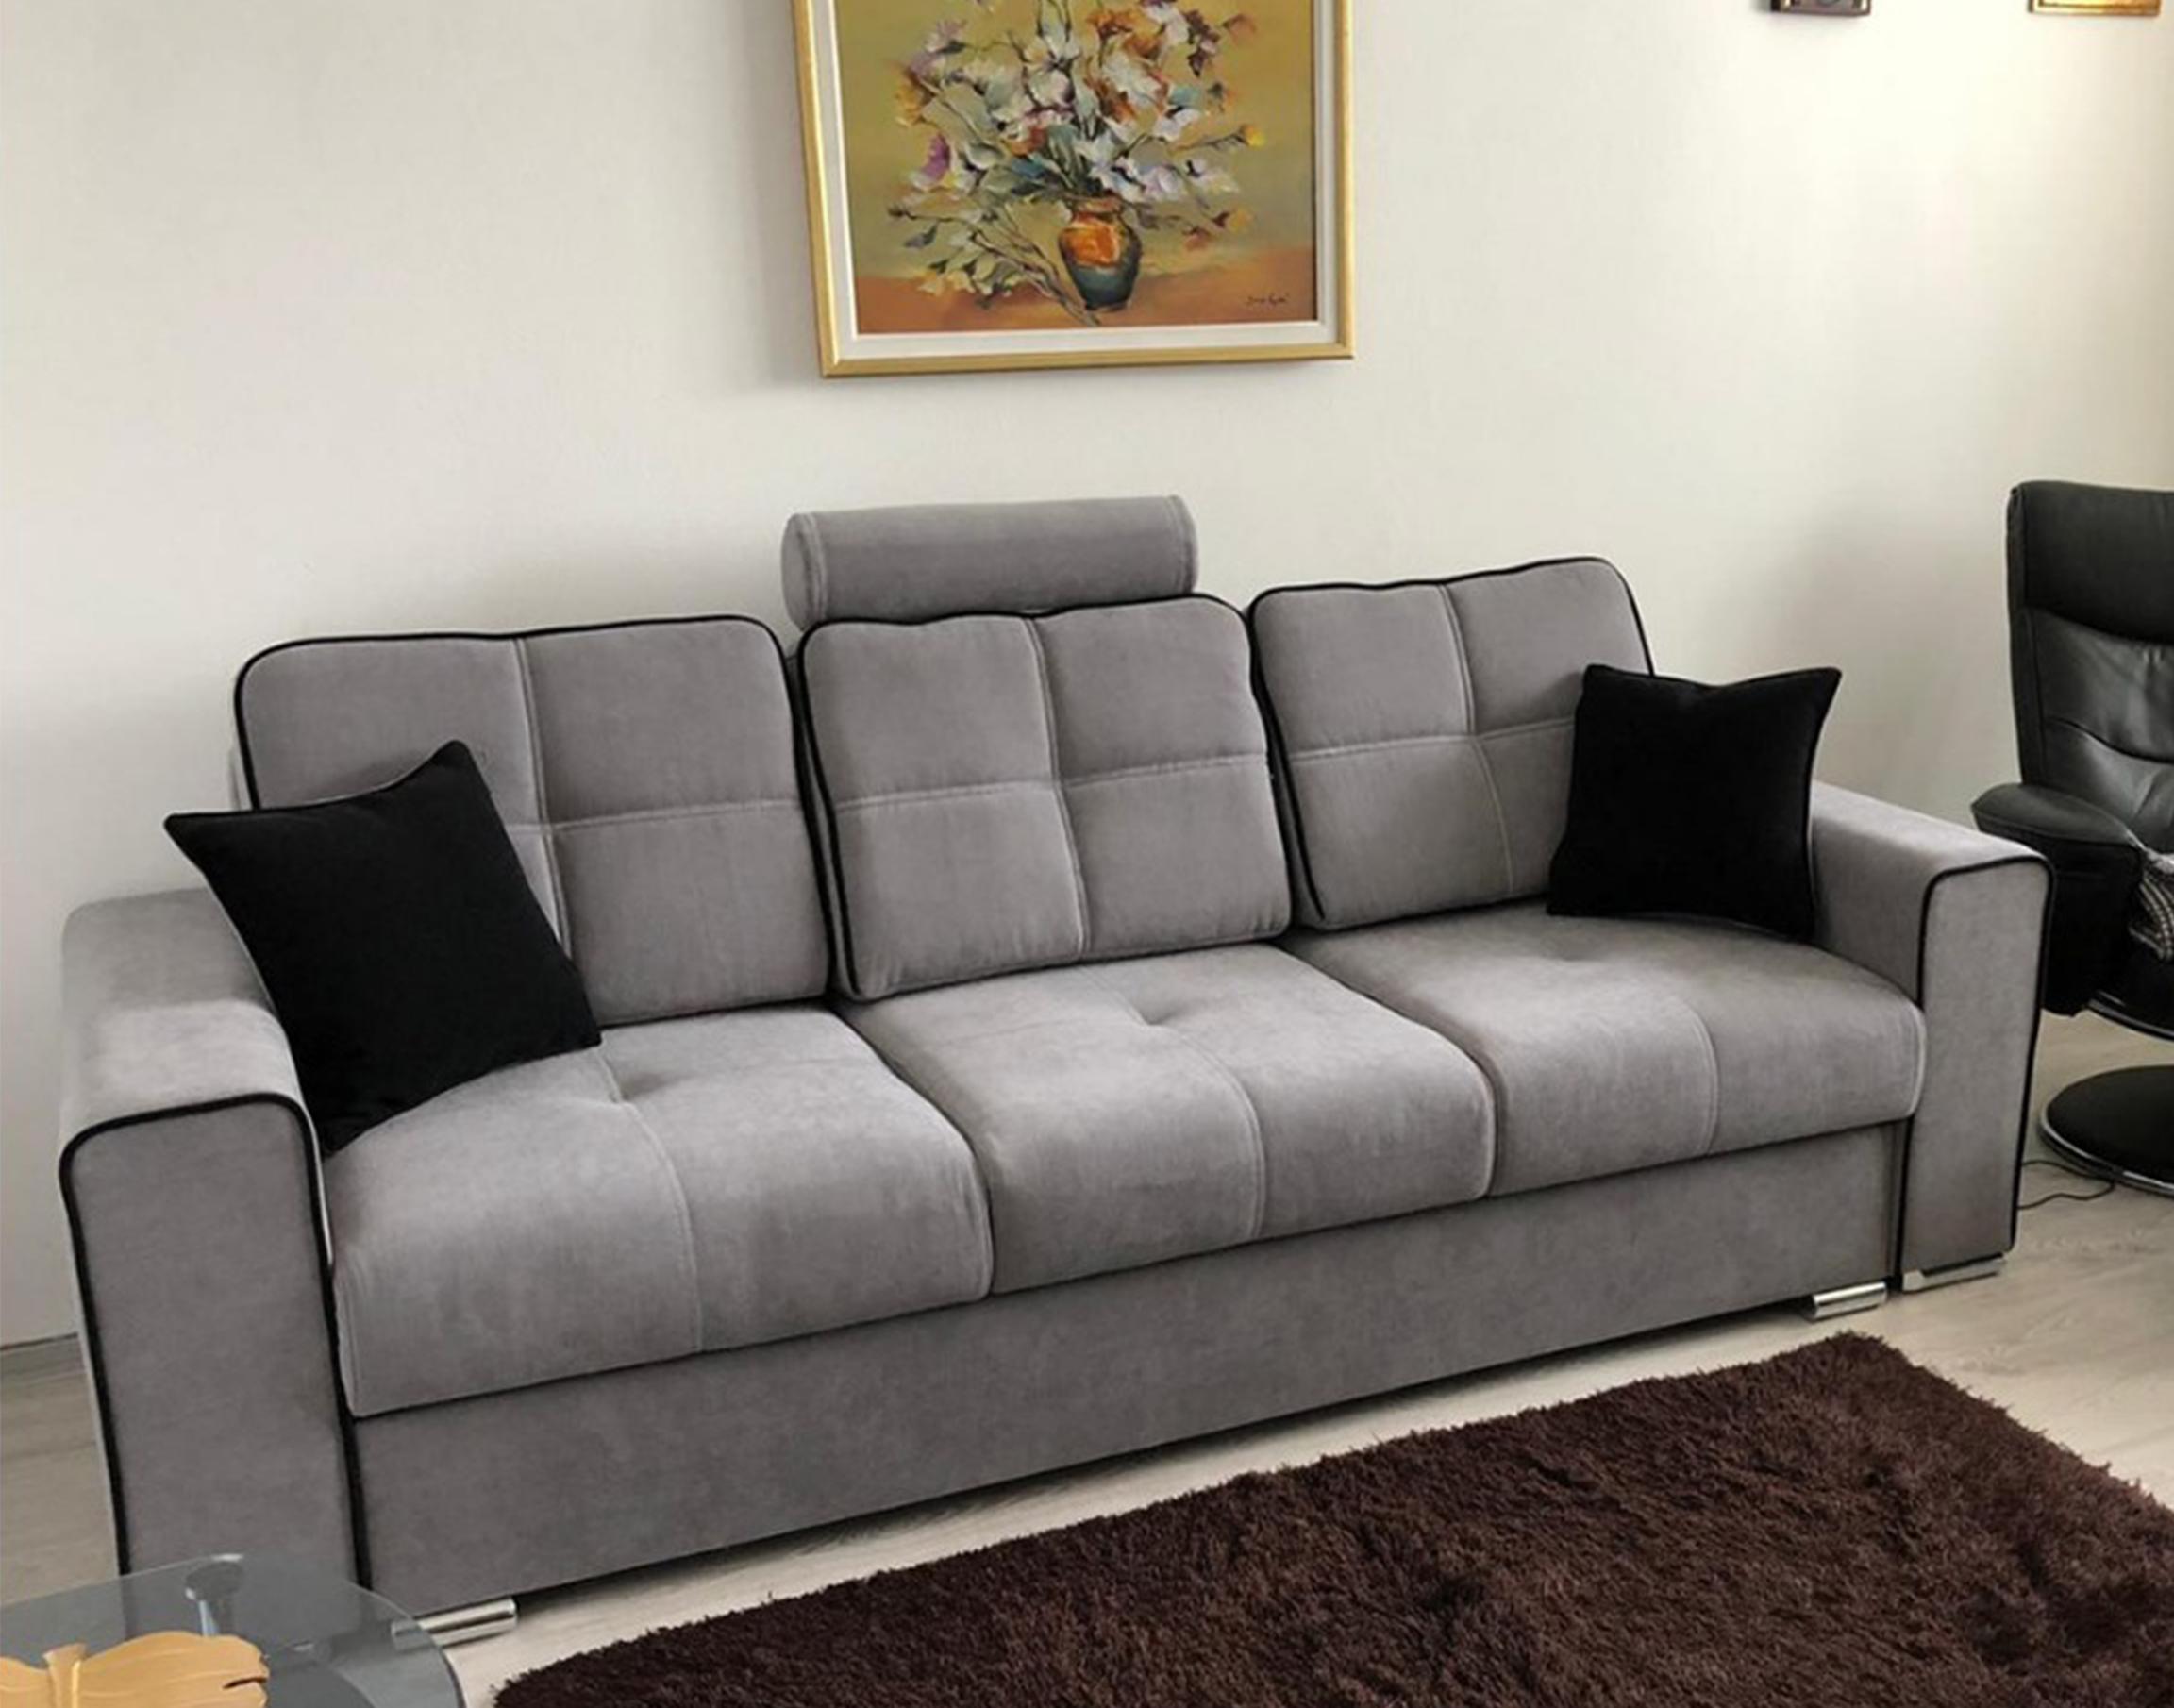 Canapea extensibila, coltar